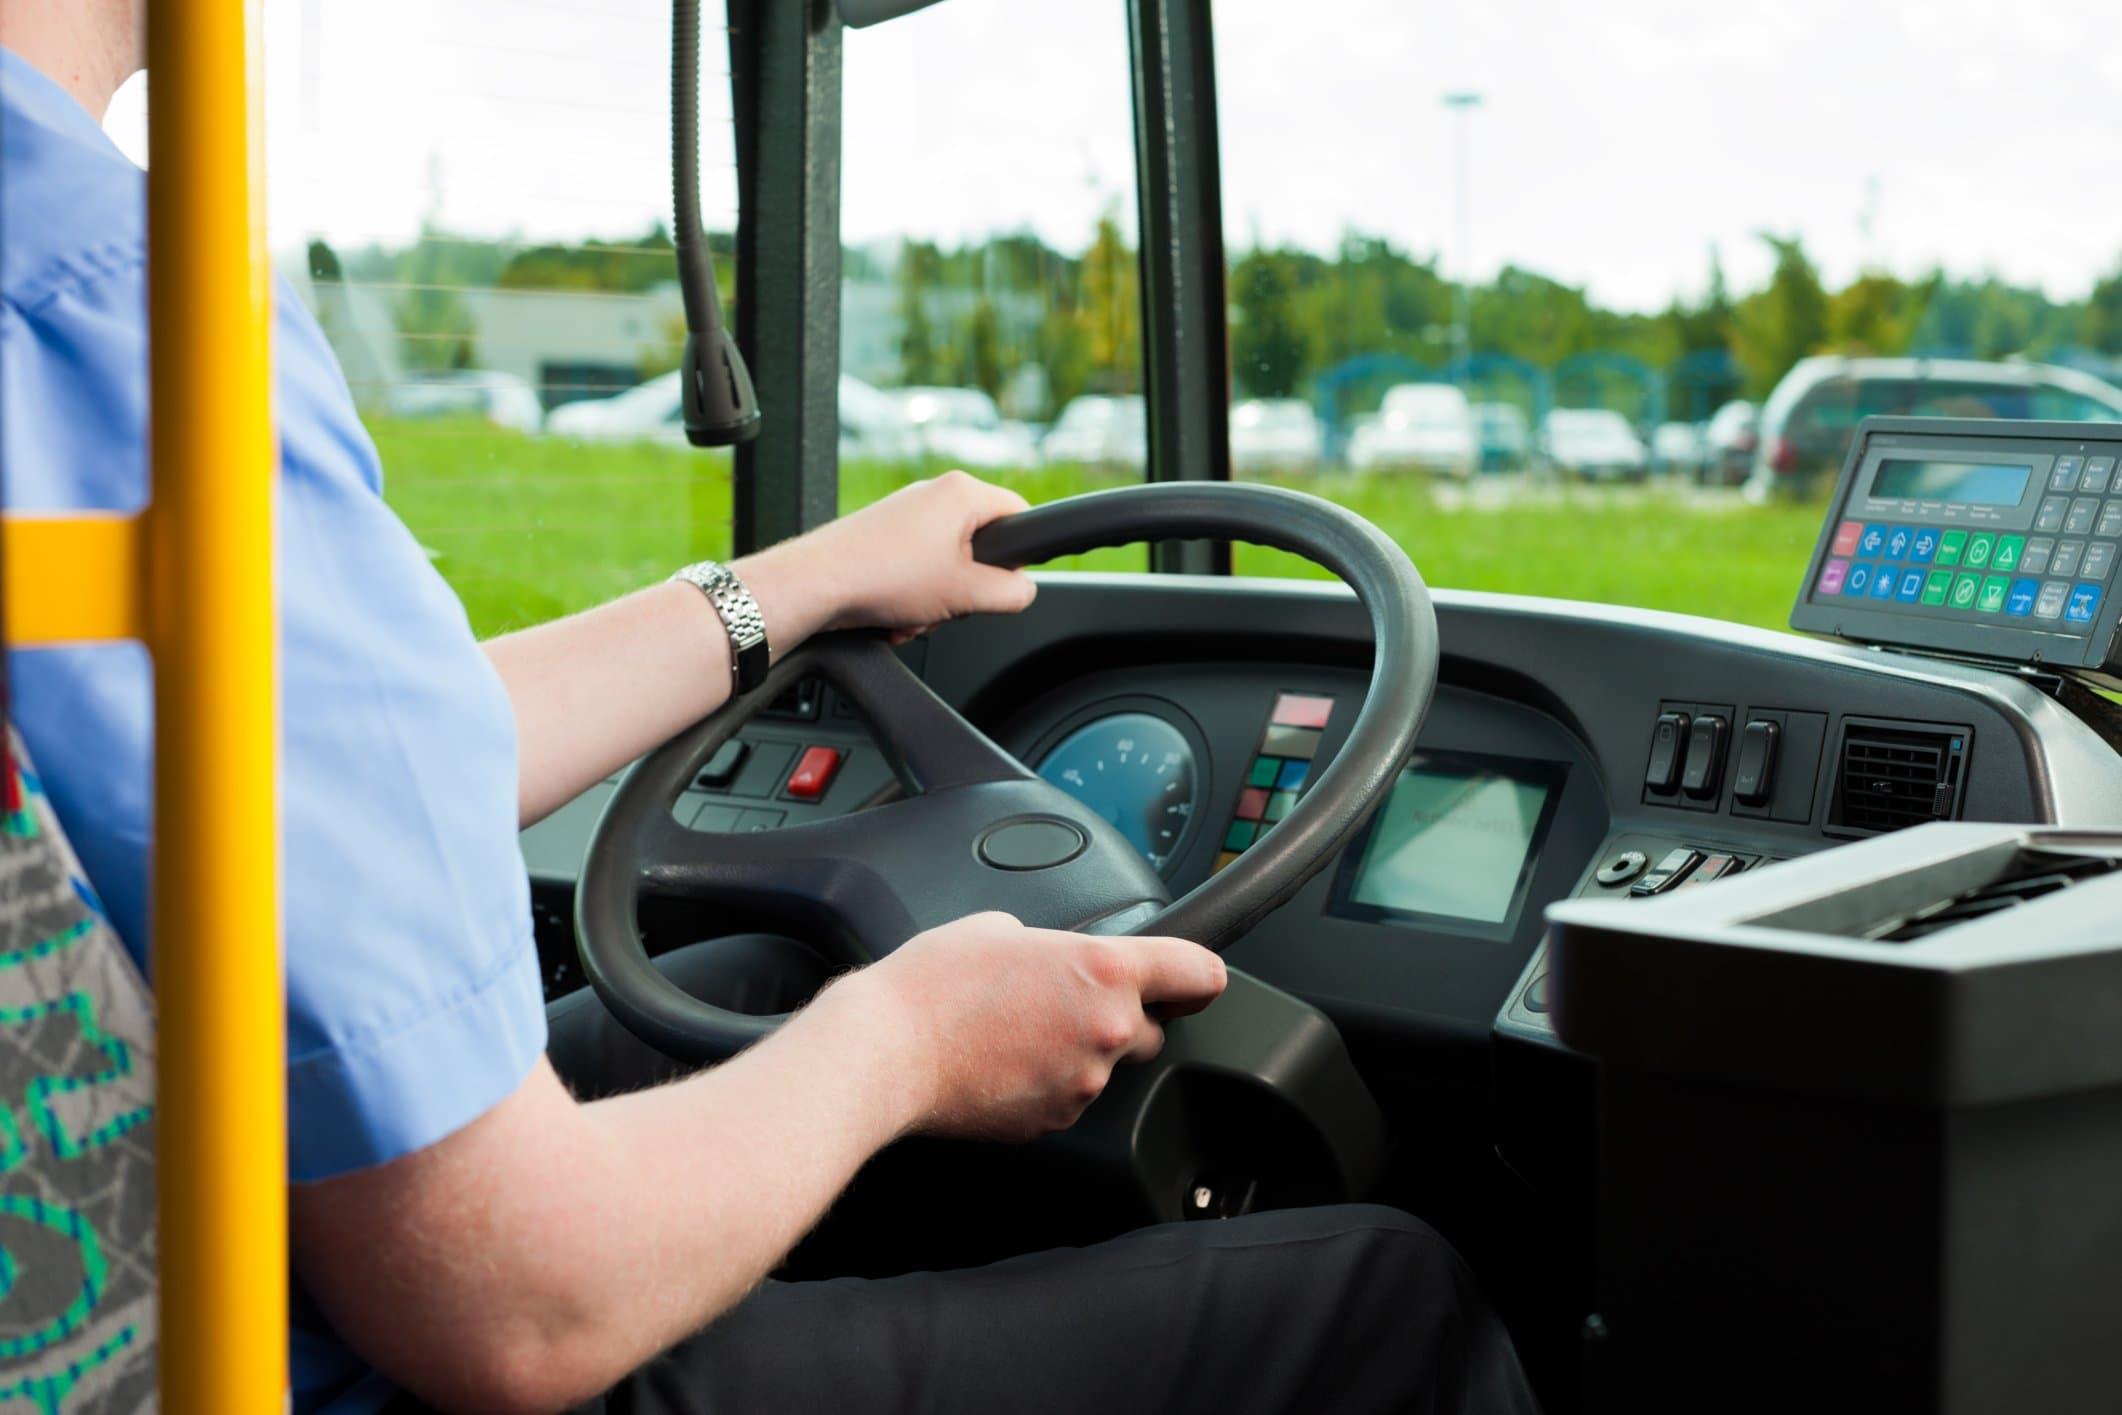 Астанчане могут изменить схему движения автобусного маршрута №18